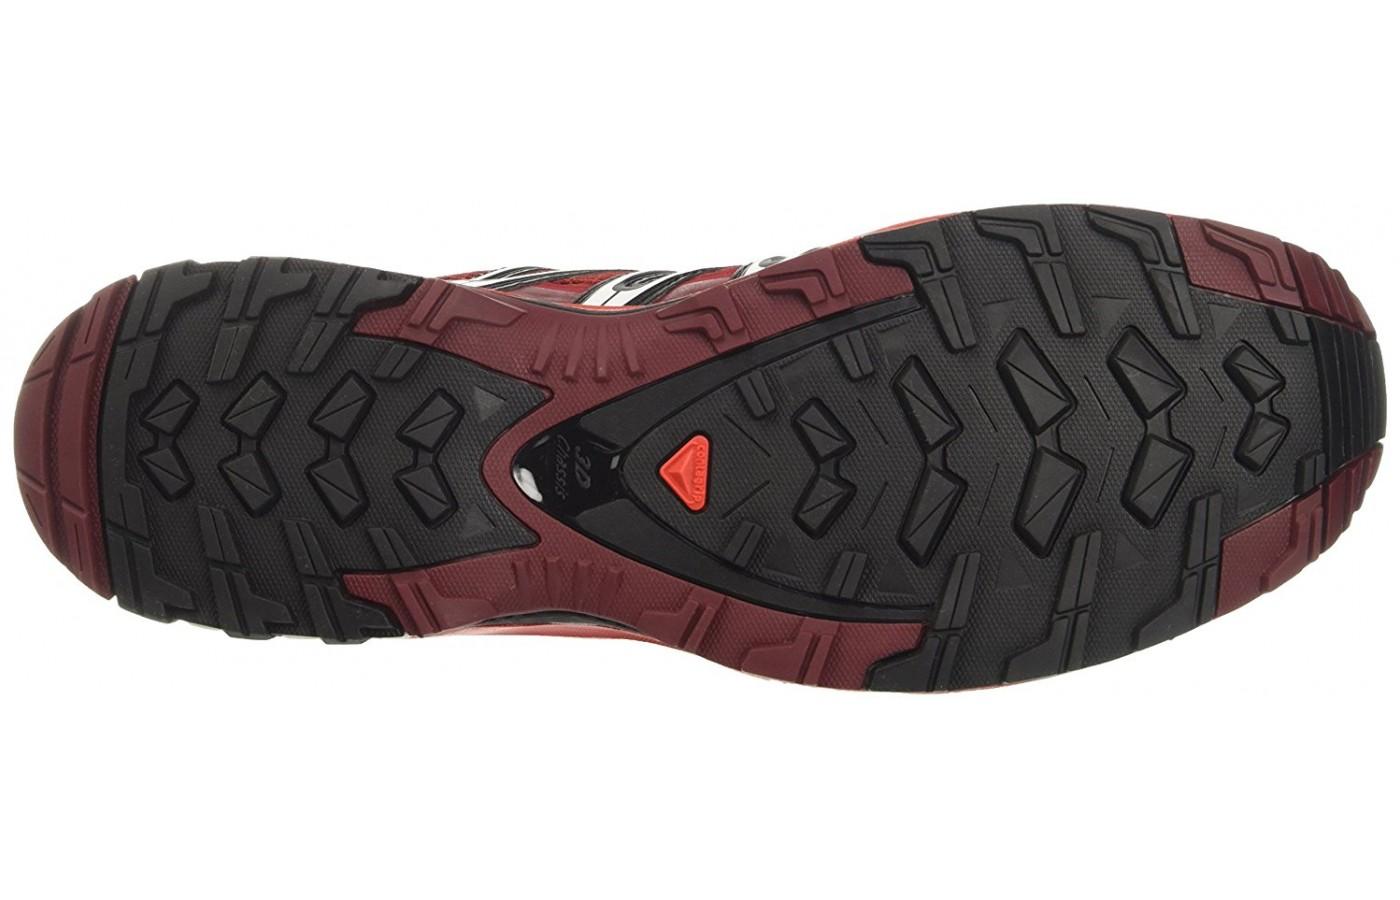 Saloman XA pro 3d sole